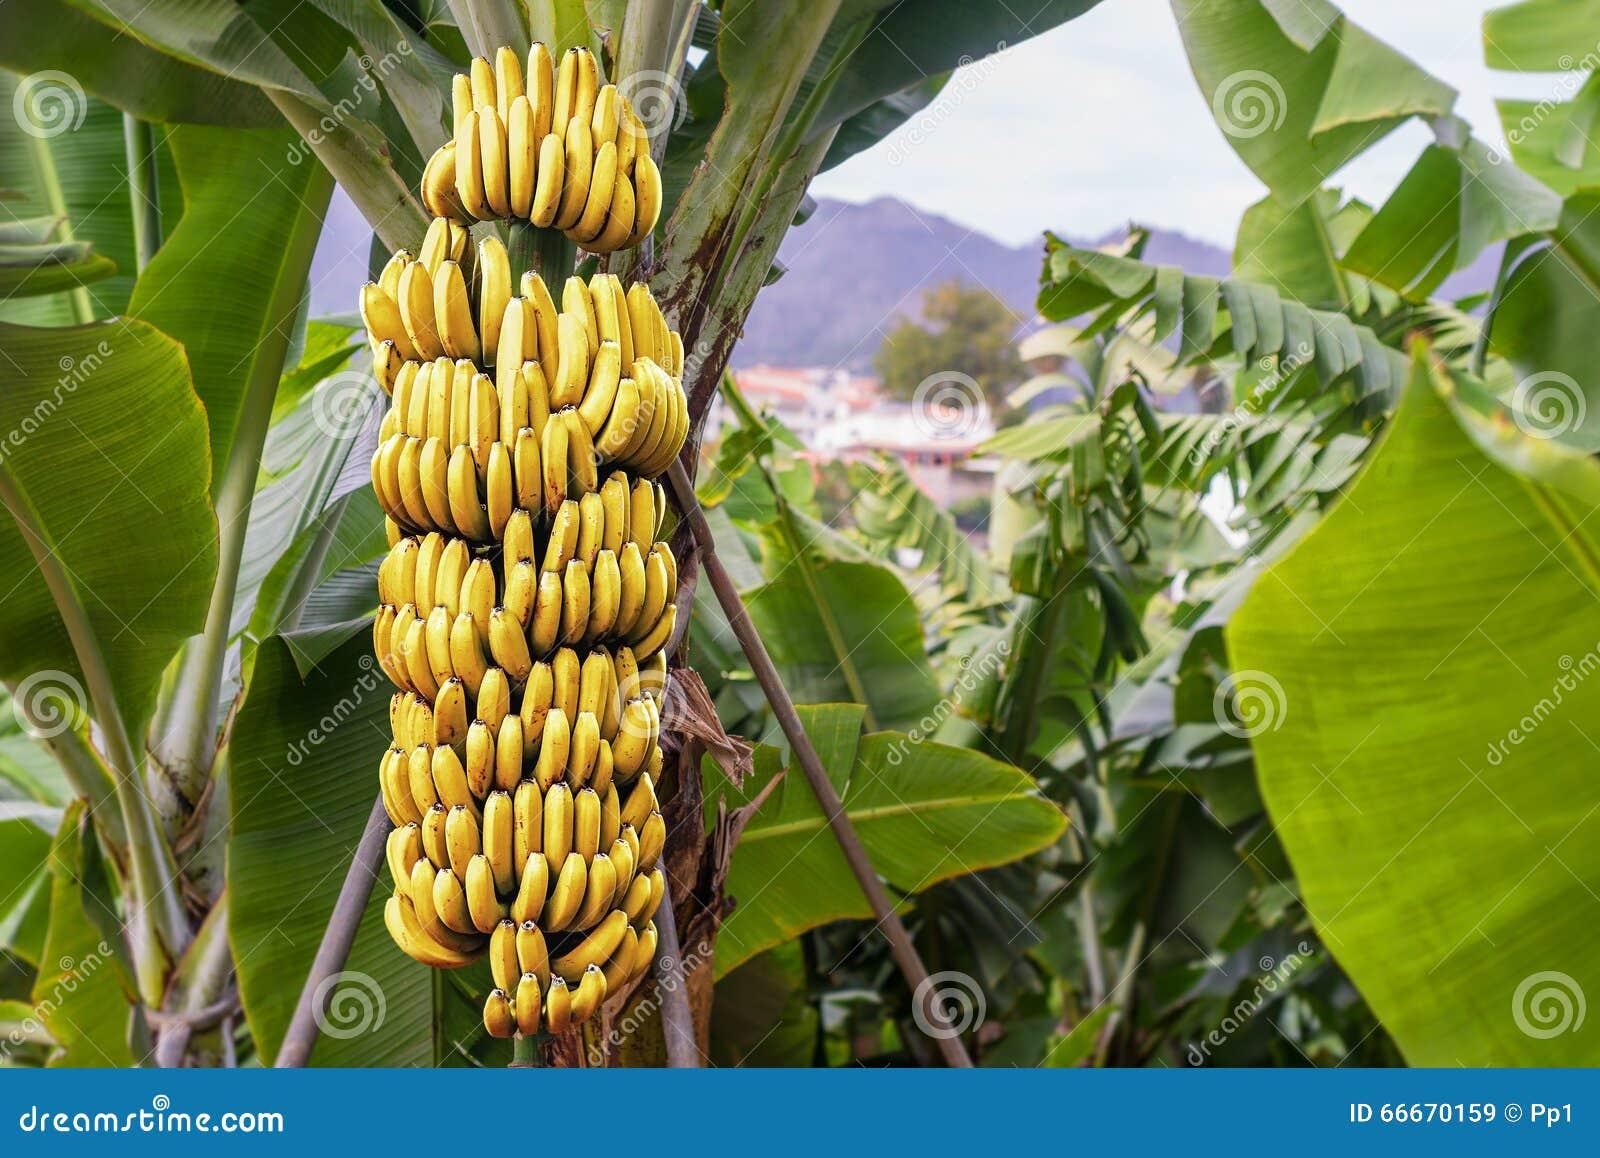 Come Coltivare Un Banano banano con un mazzo di banane mature immagine stock